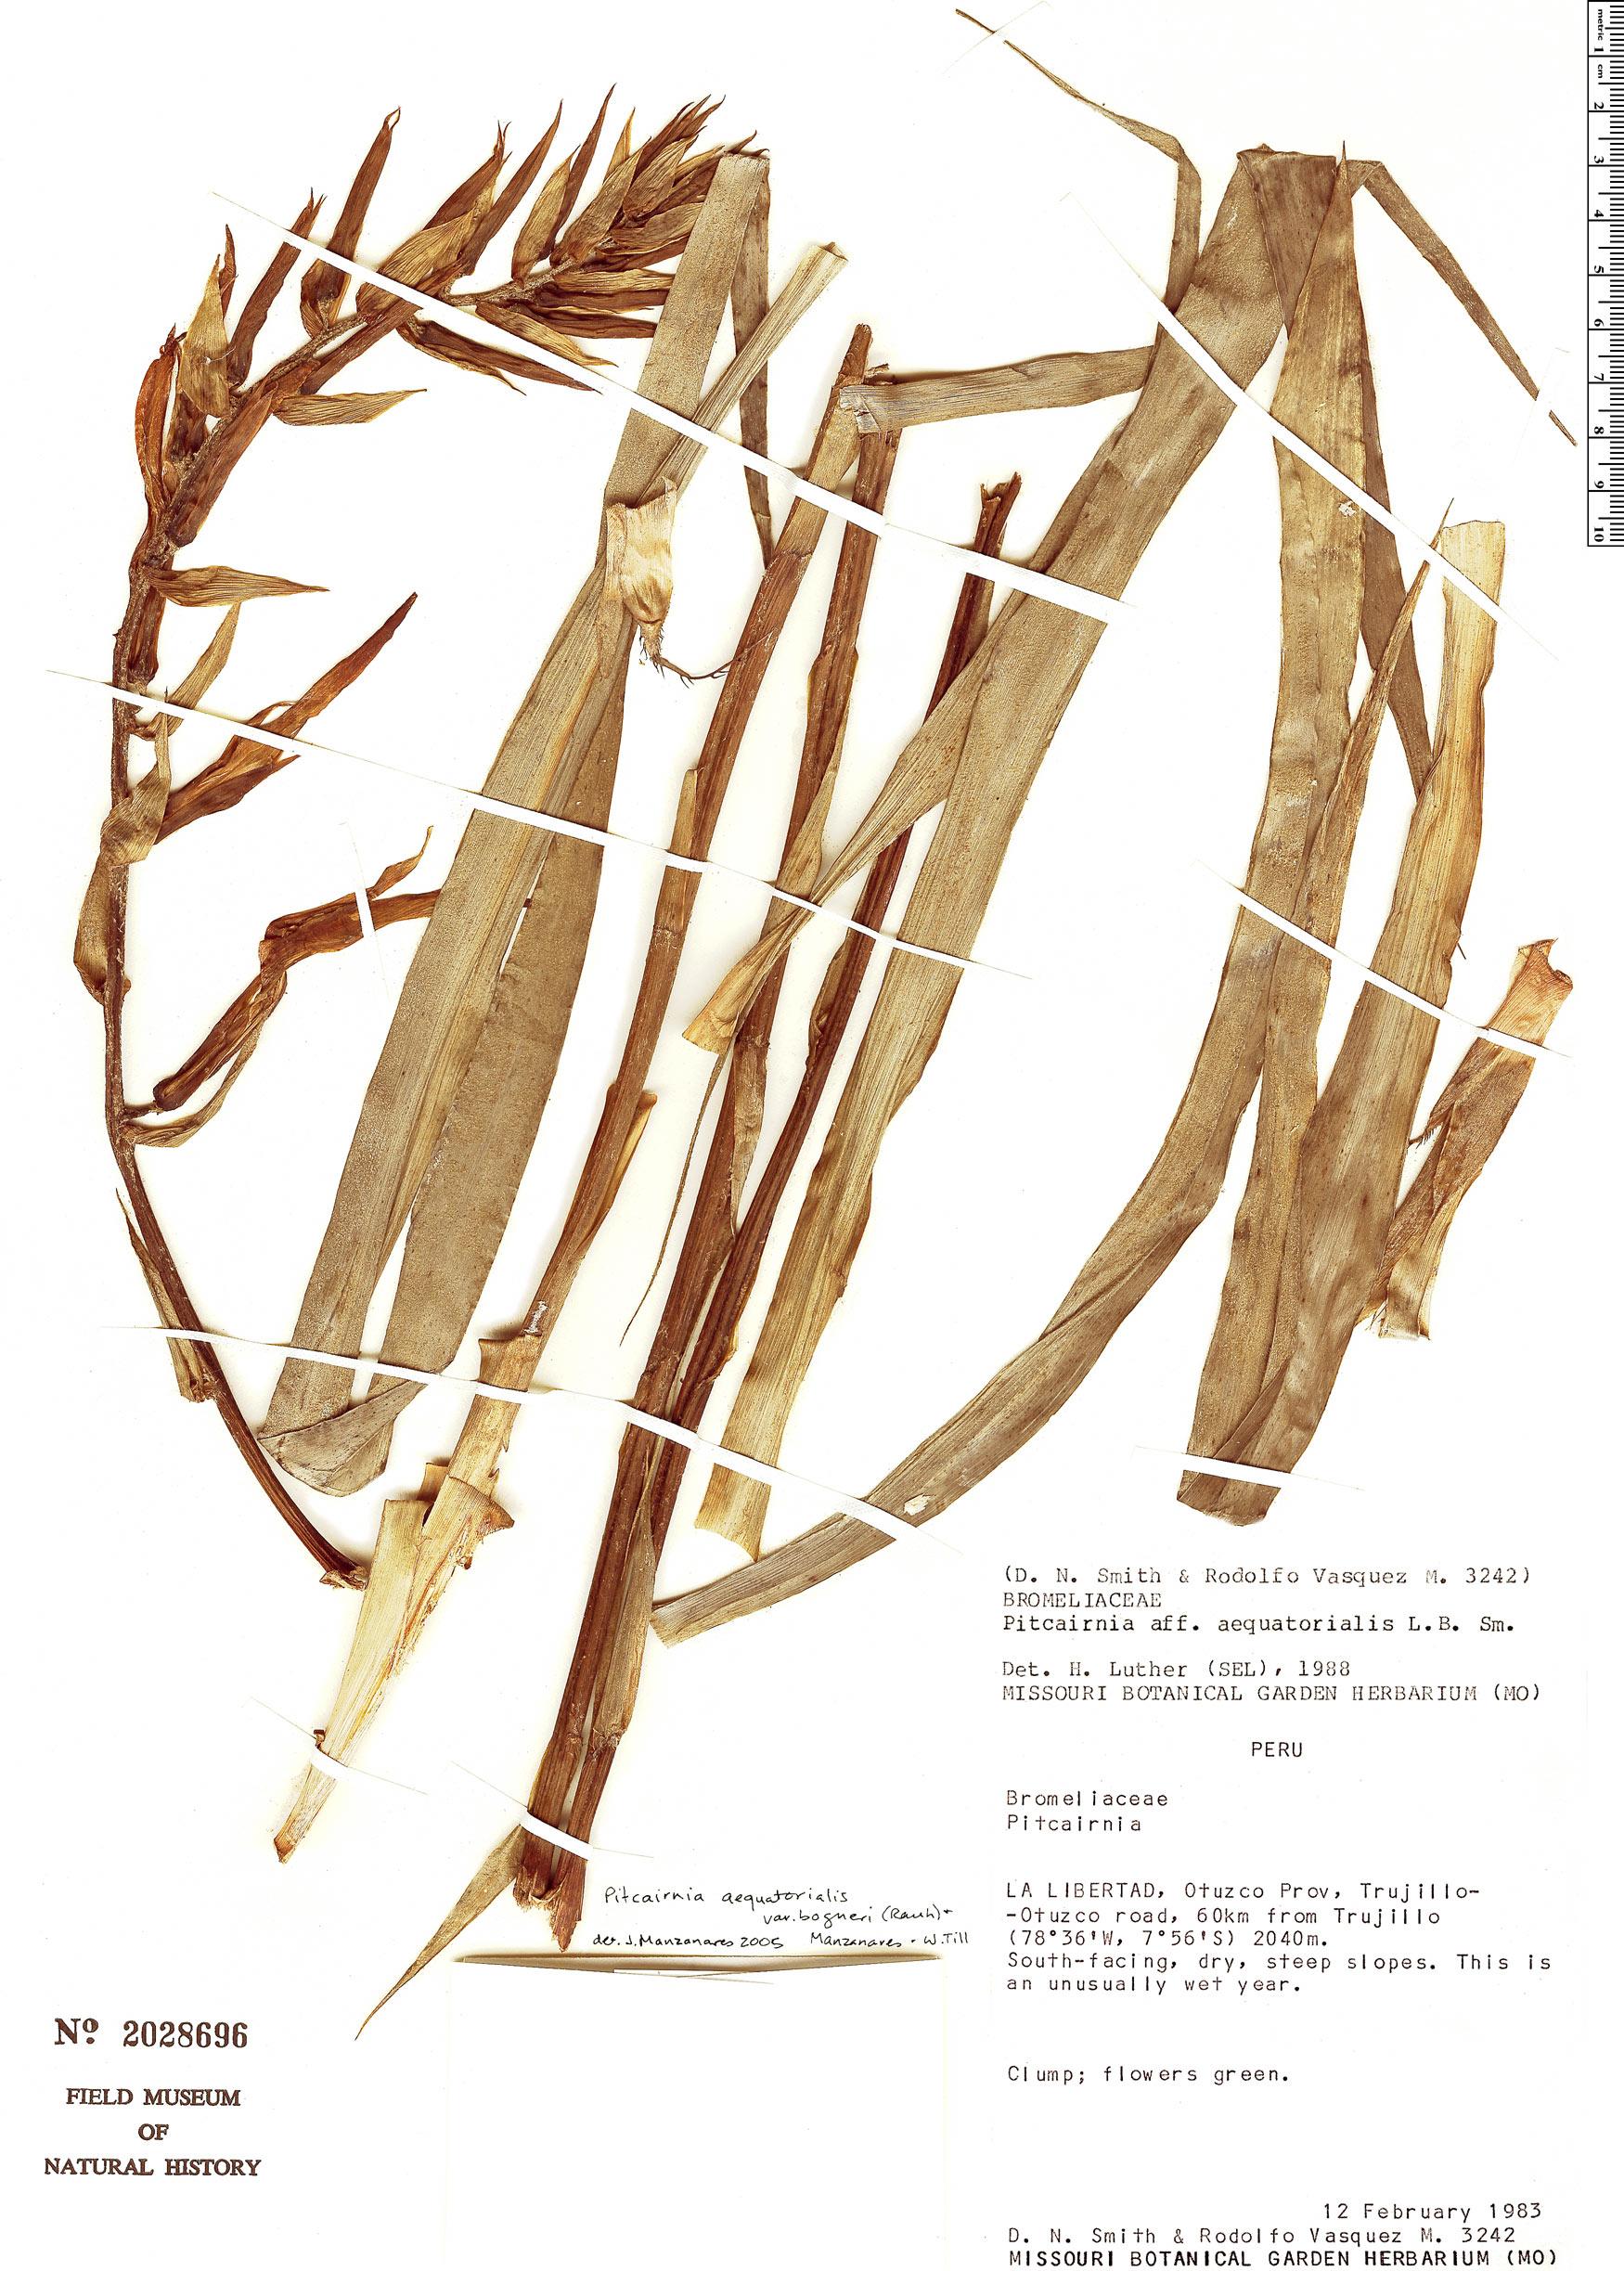 Specimen: Pitcairnia aequatorialis